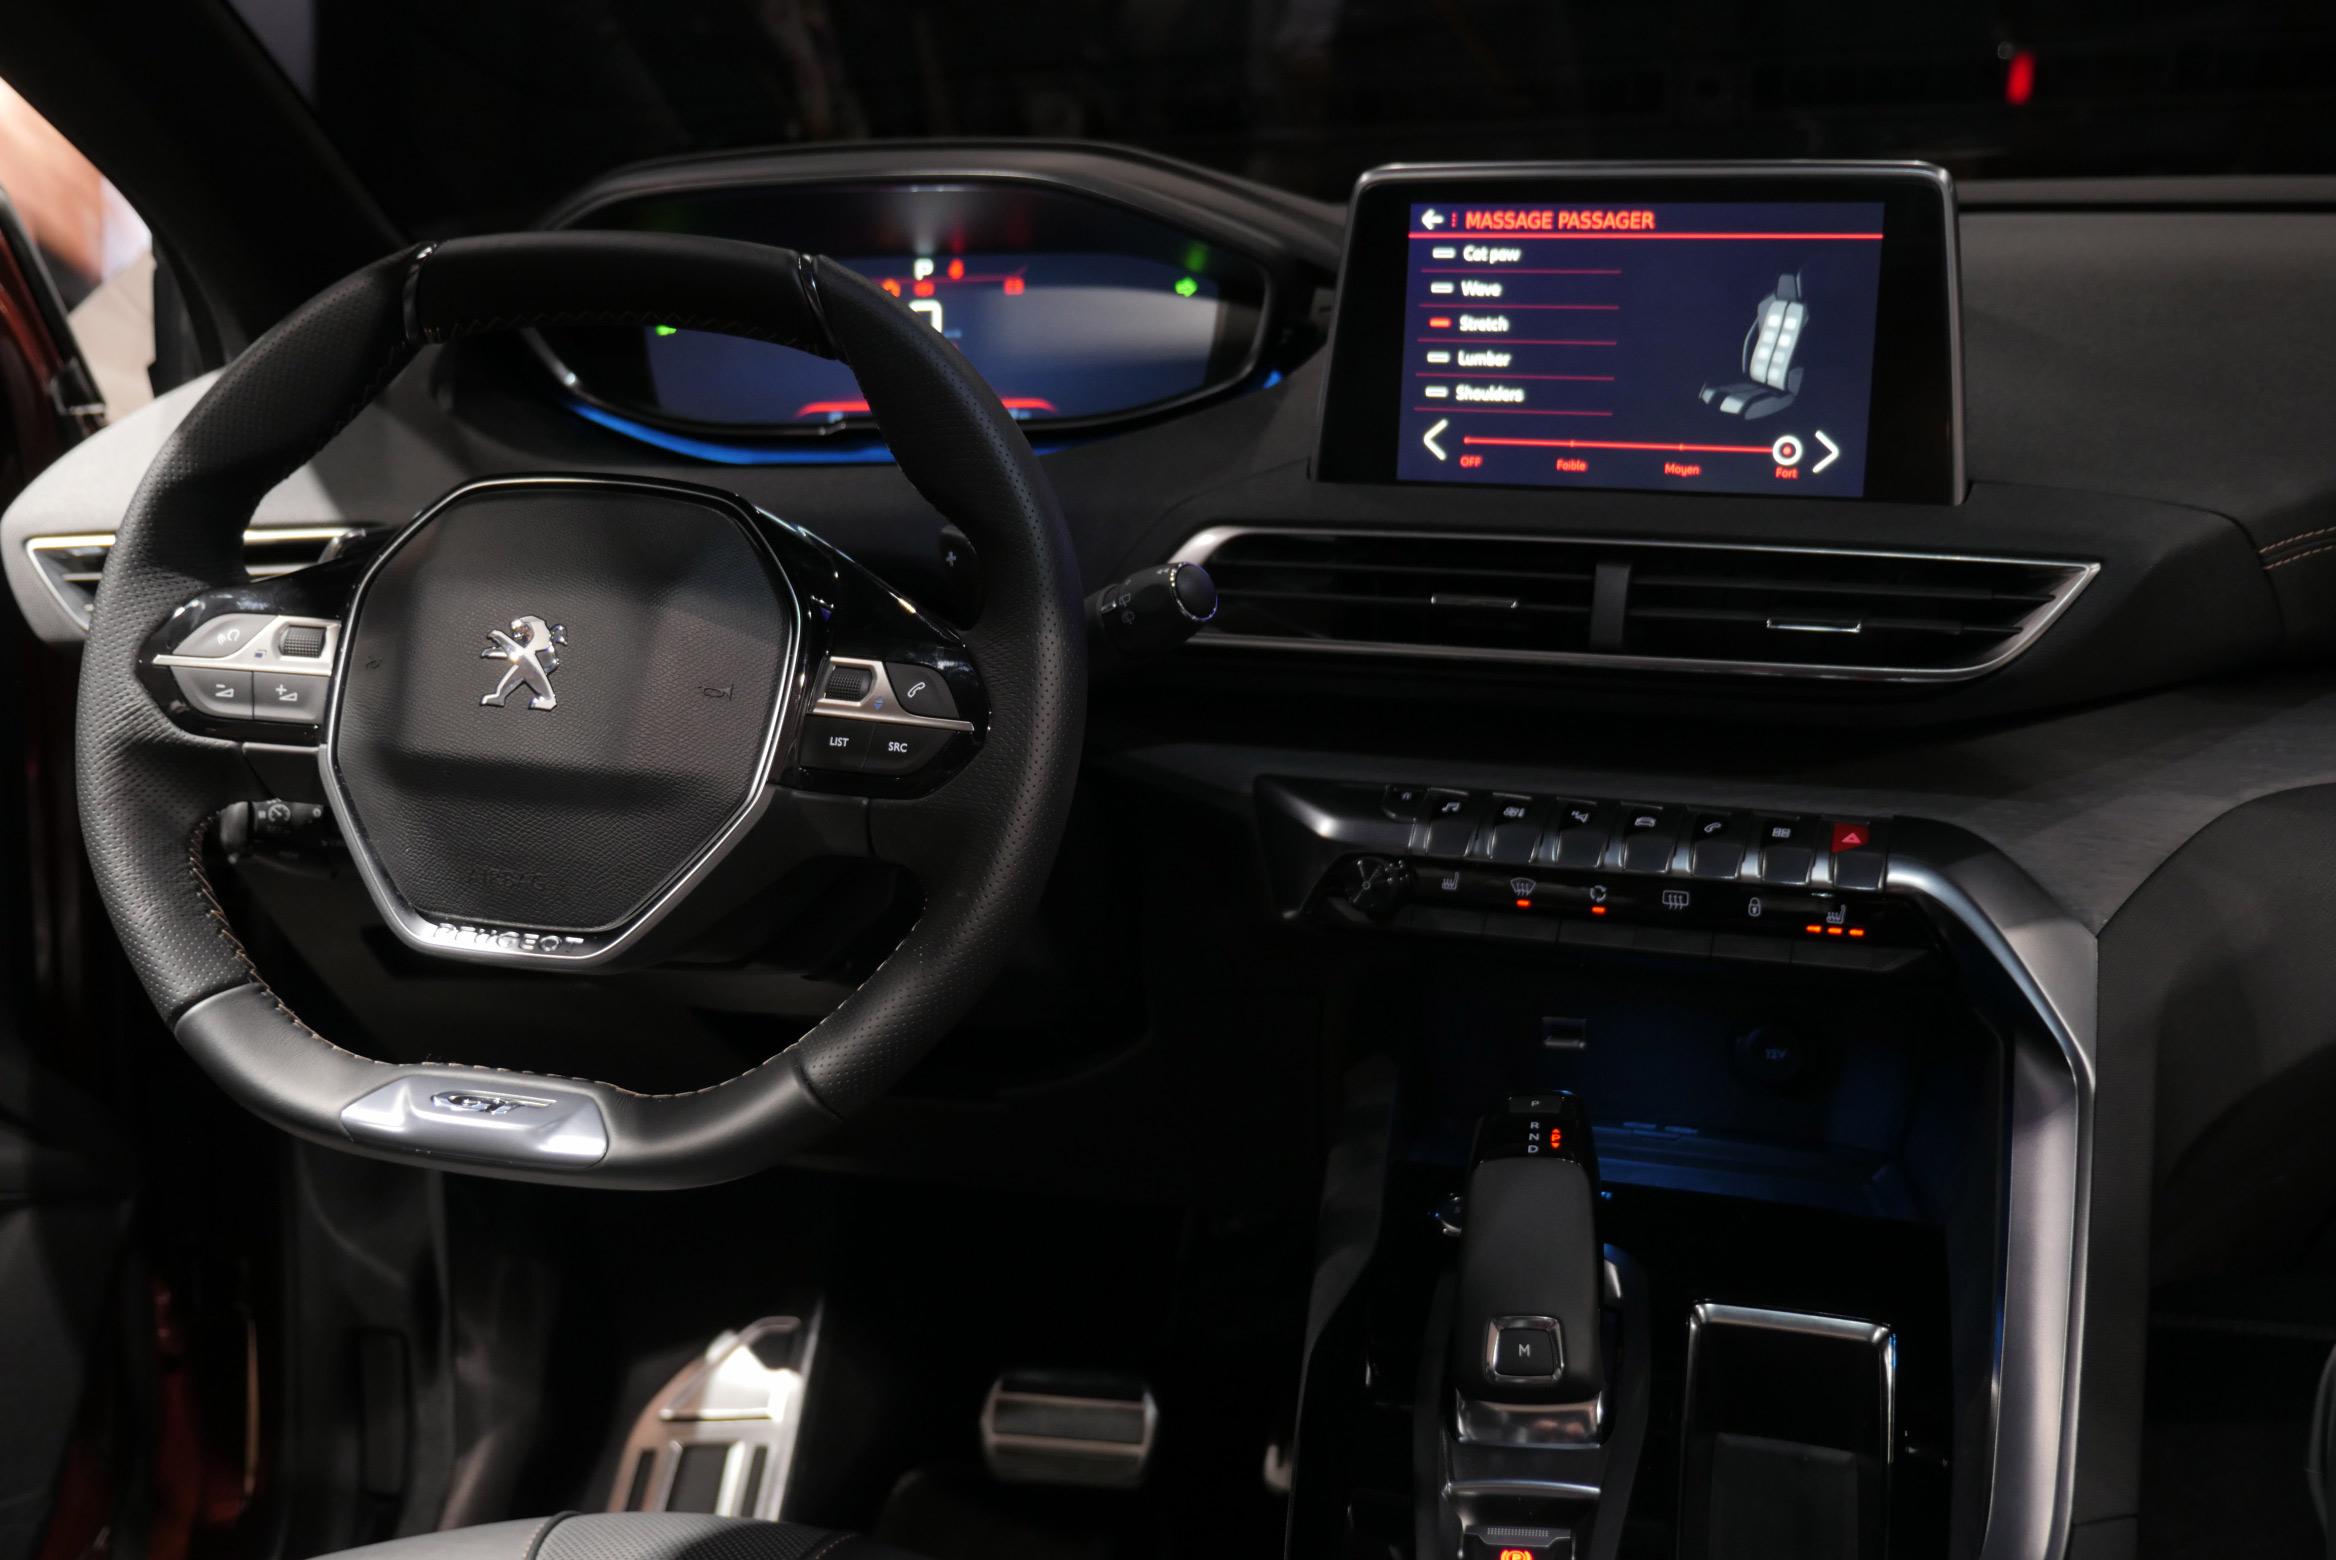 peugeot i cockpit hands on paris motor show 2016. Black Bedroom Furniture Sets. Home Design Ideas